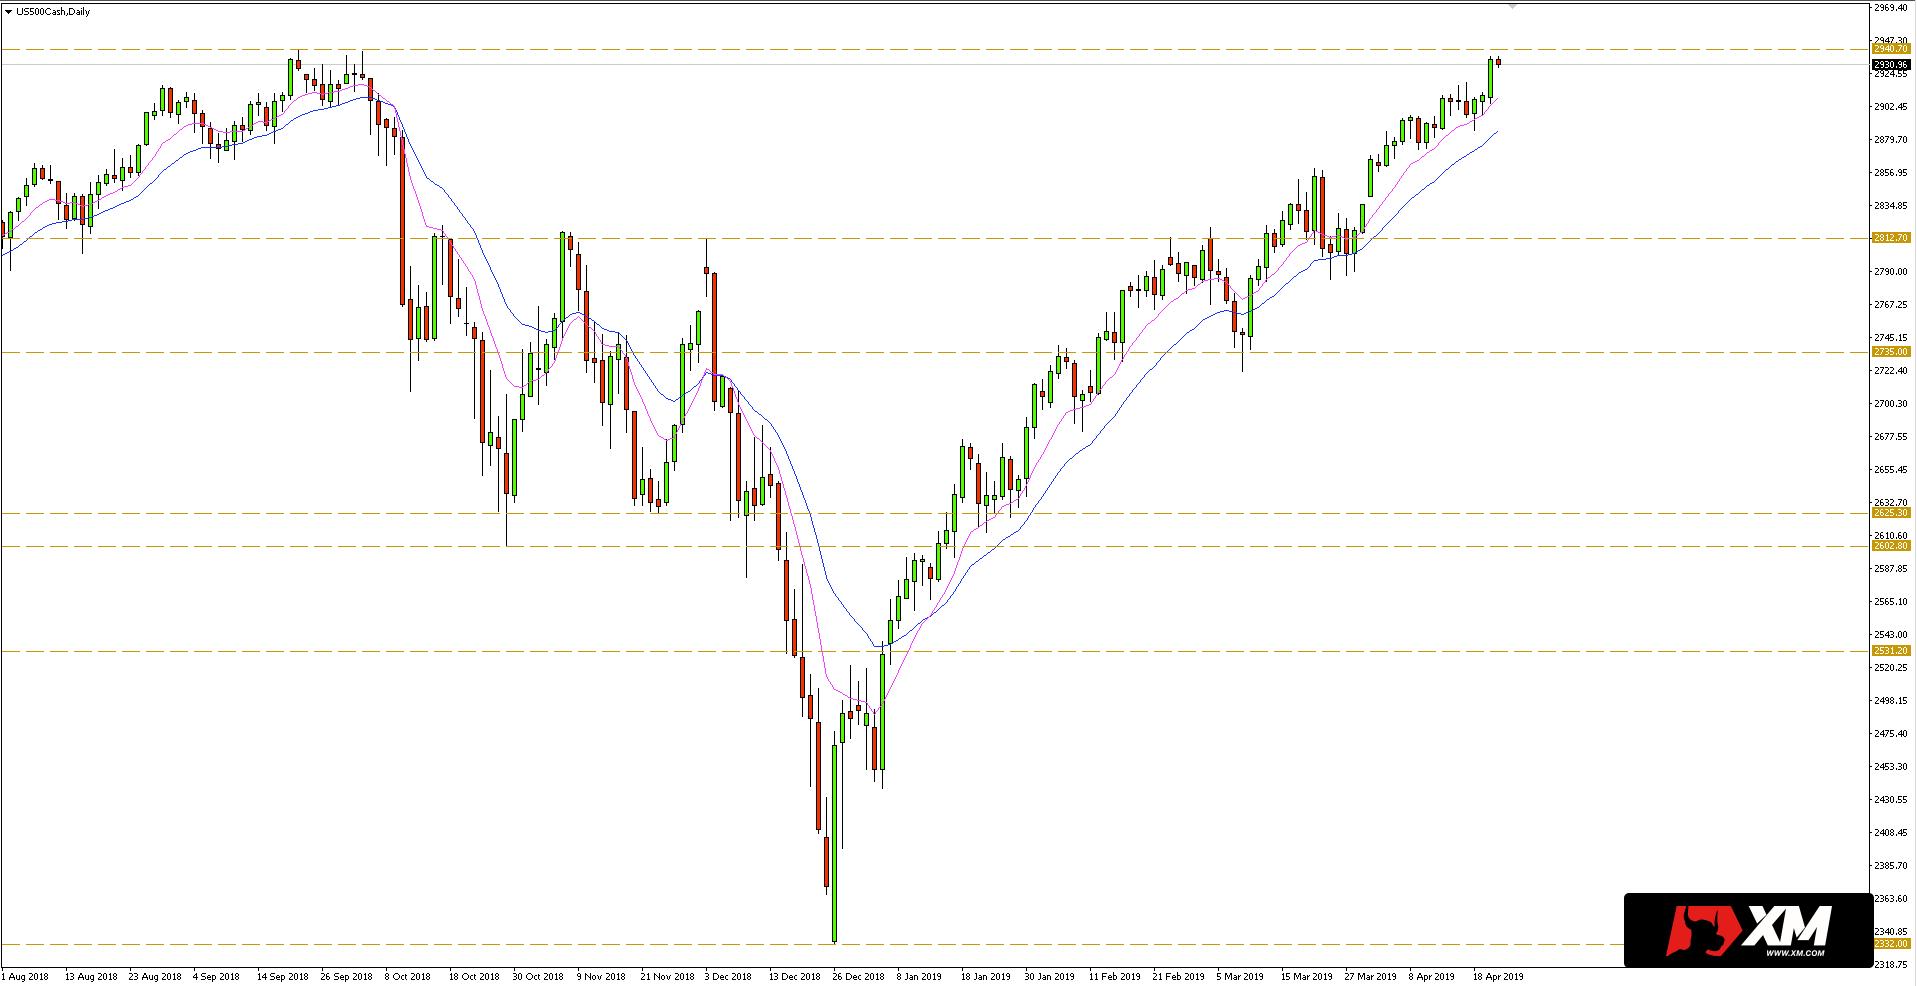 Notowania indeksu S&P 500 - interwałdzienny